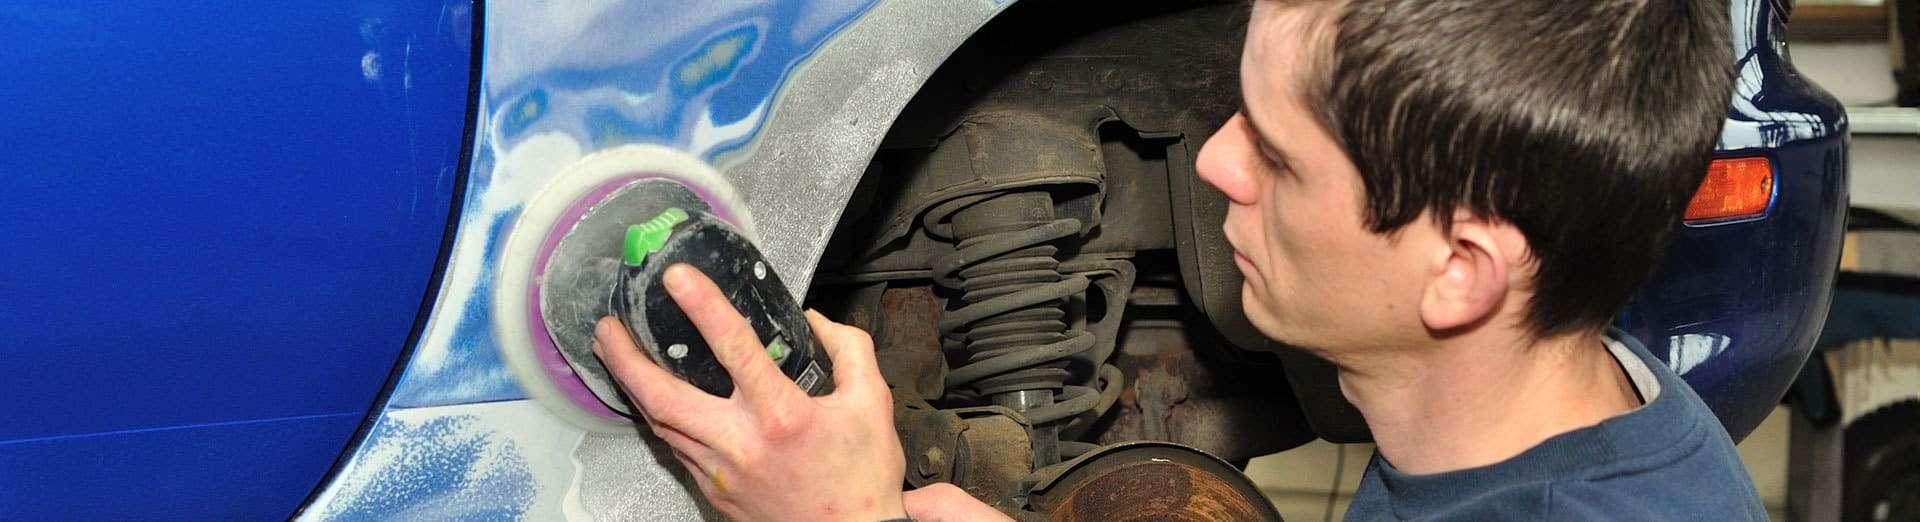 G & G Autobody Auto Body Repair Technician